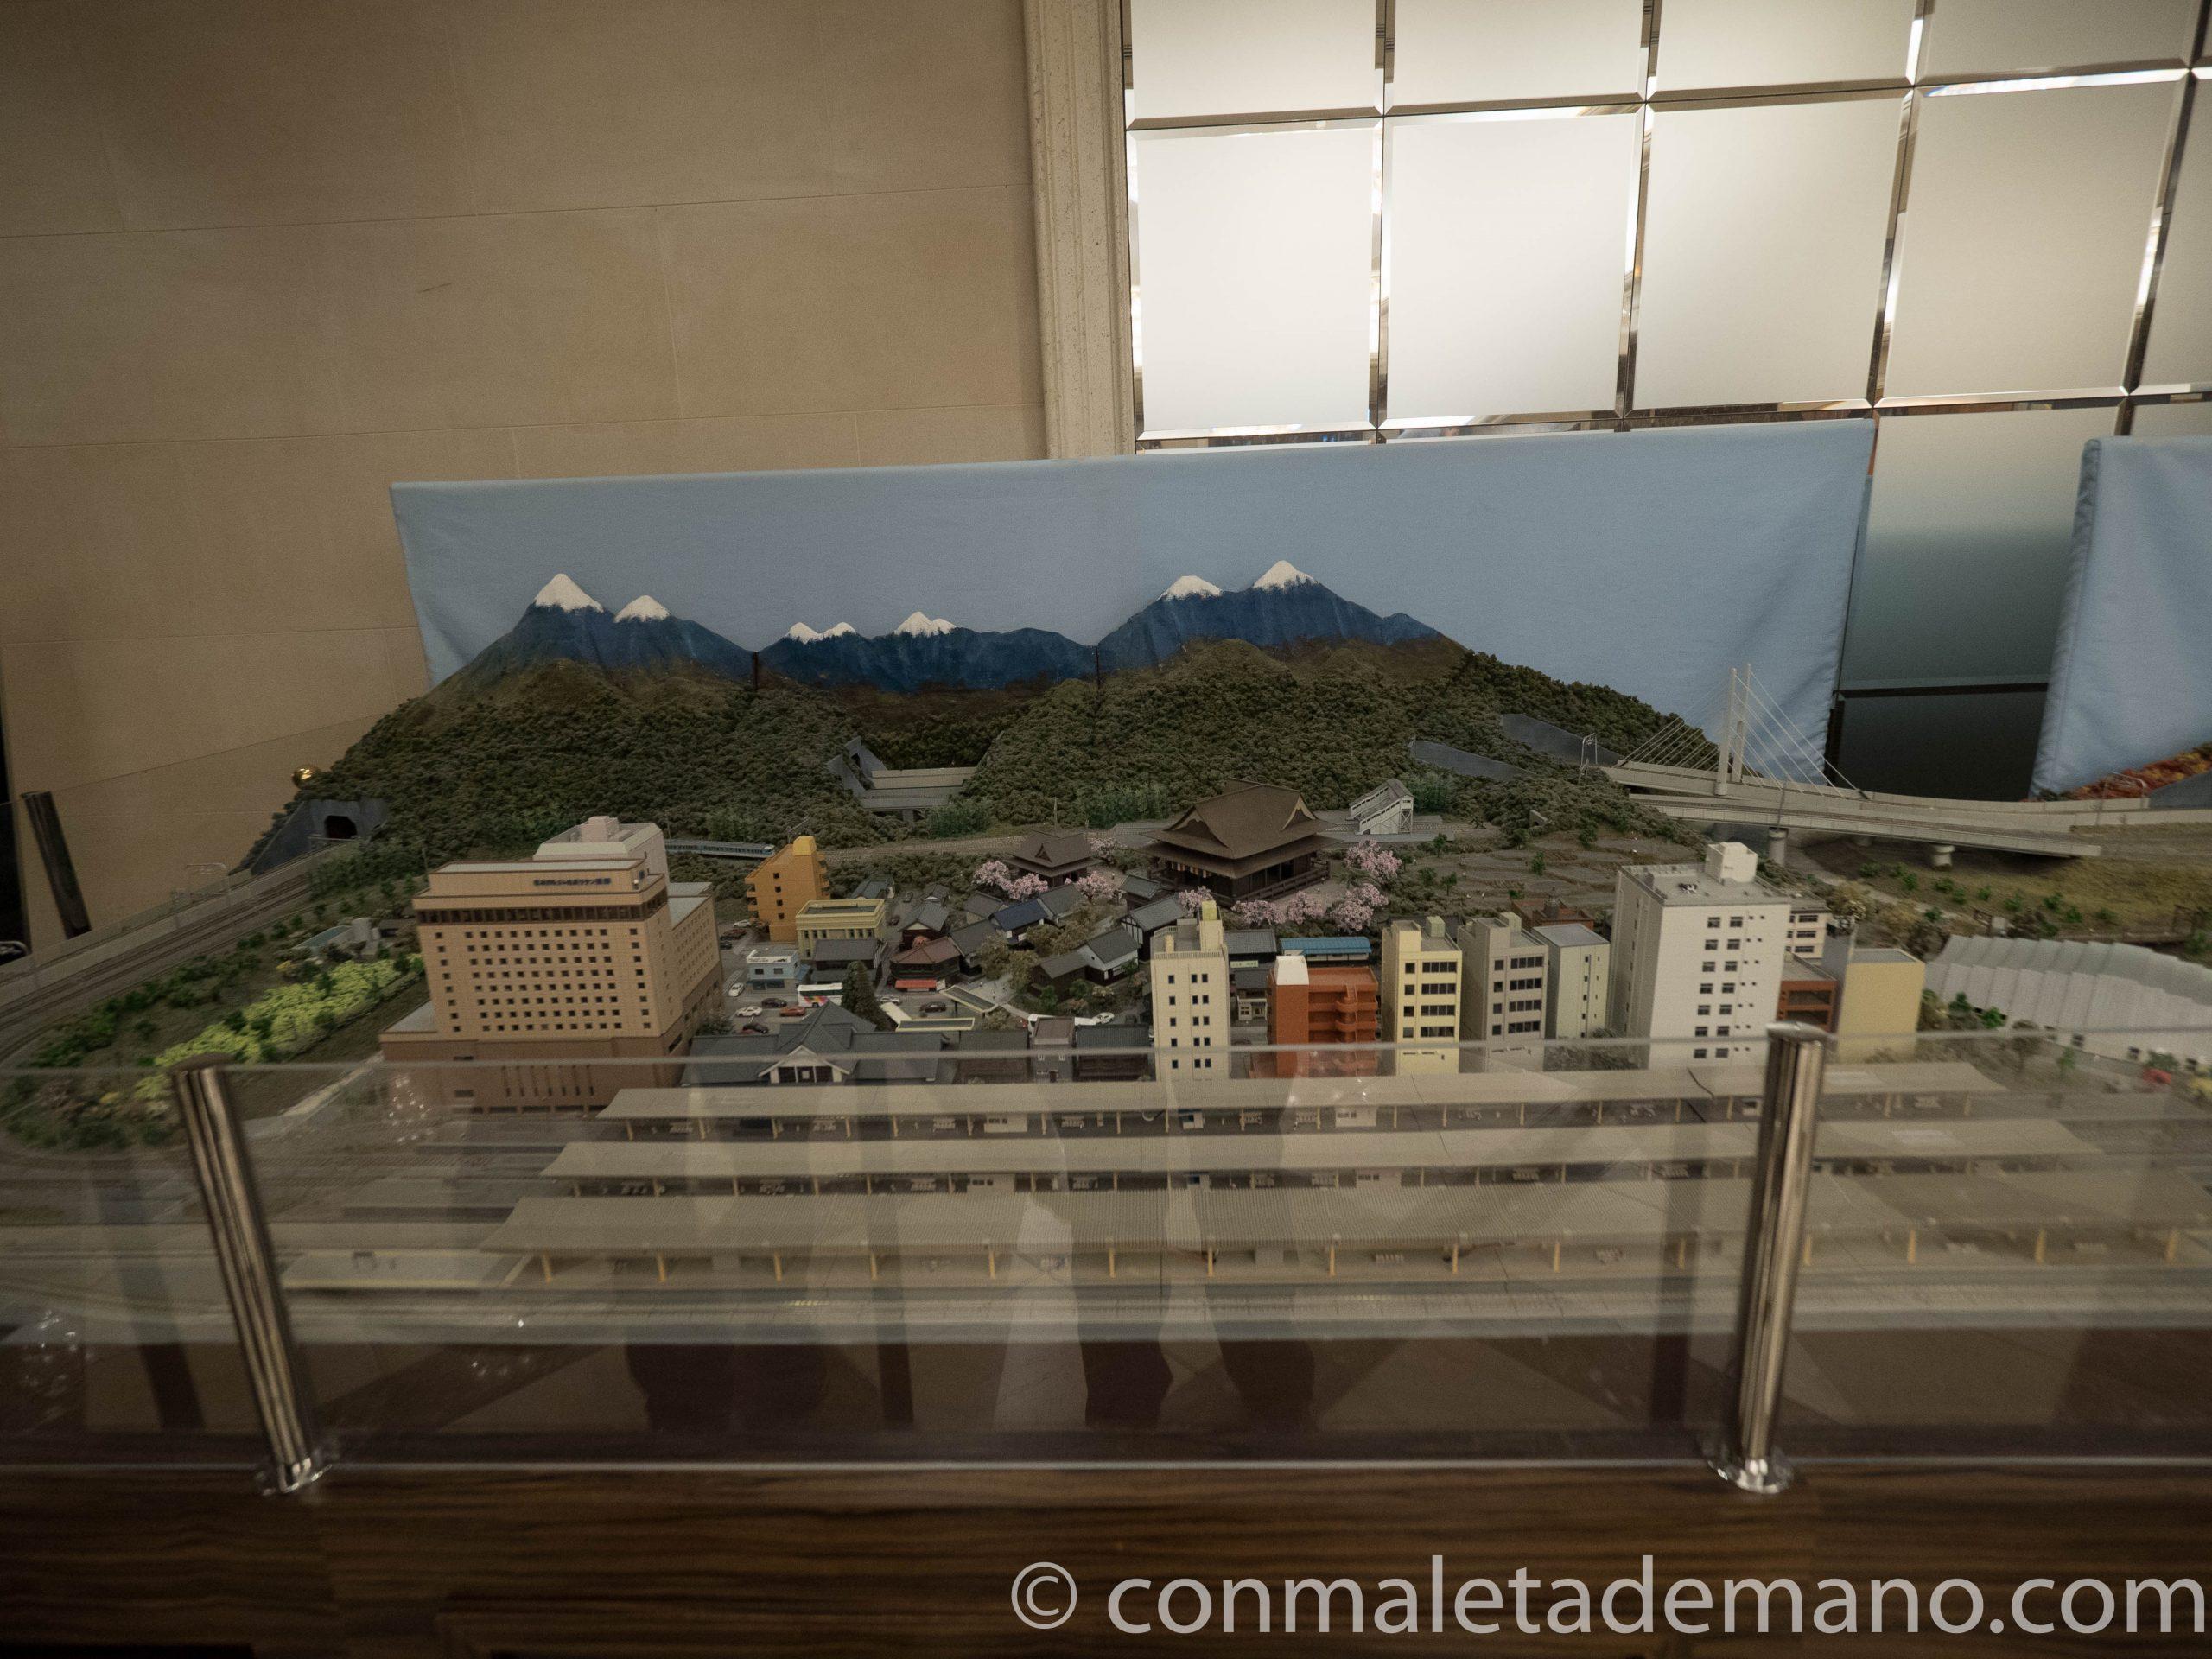 Maqueta de Nagano en el vestíbulo del hotel